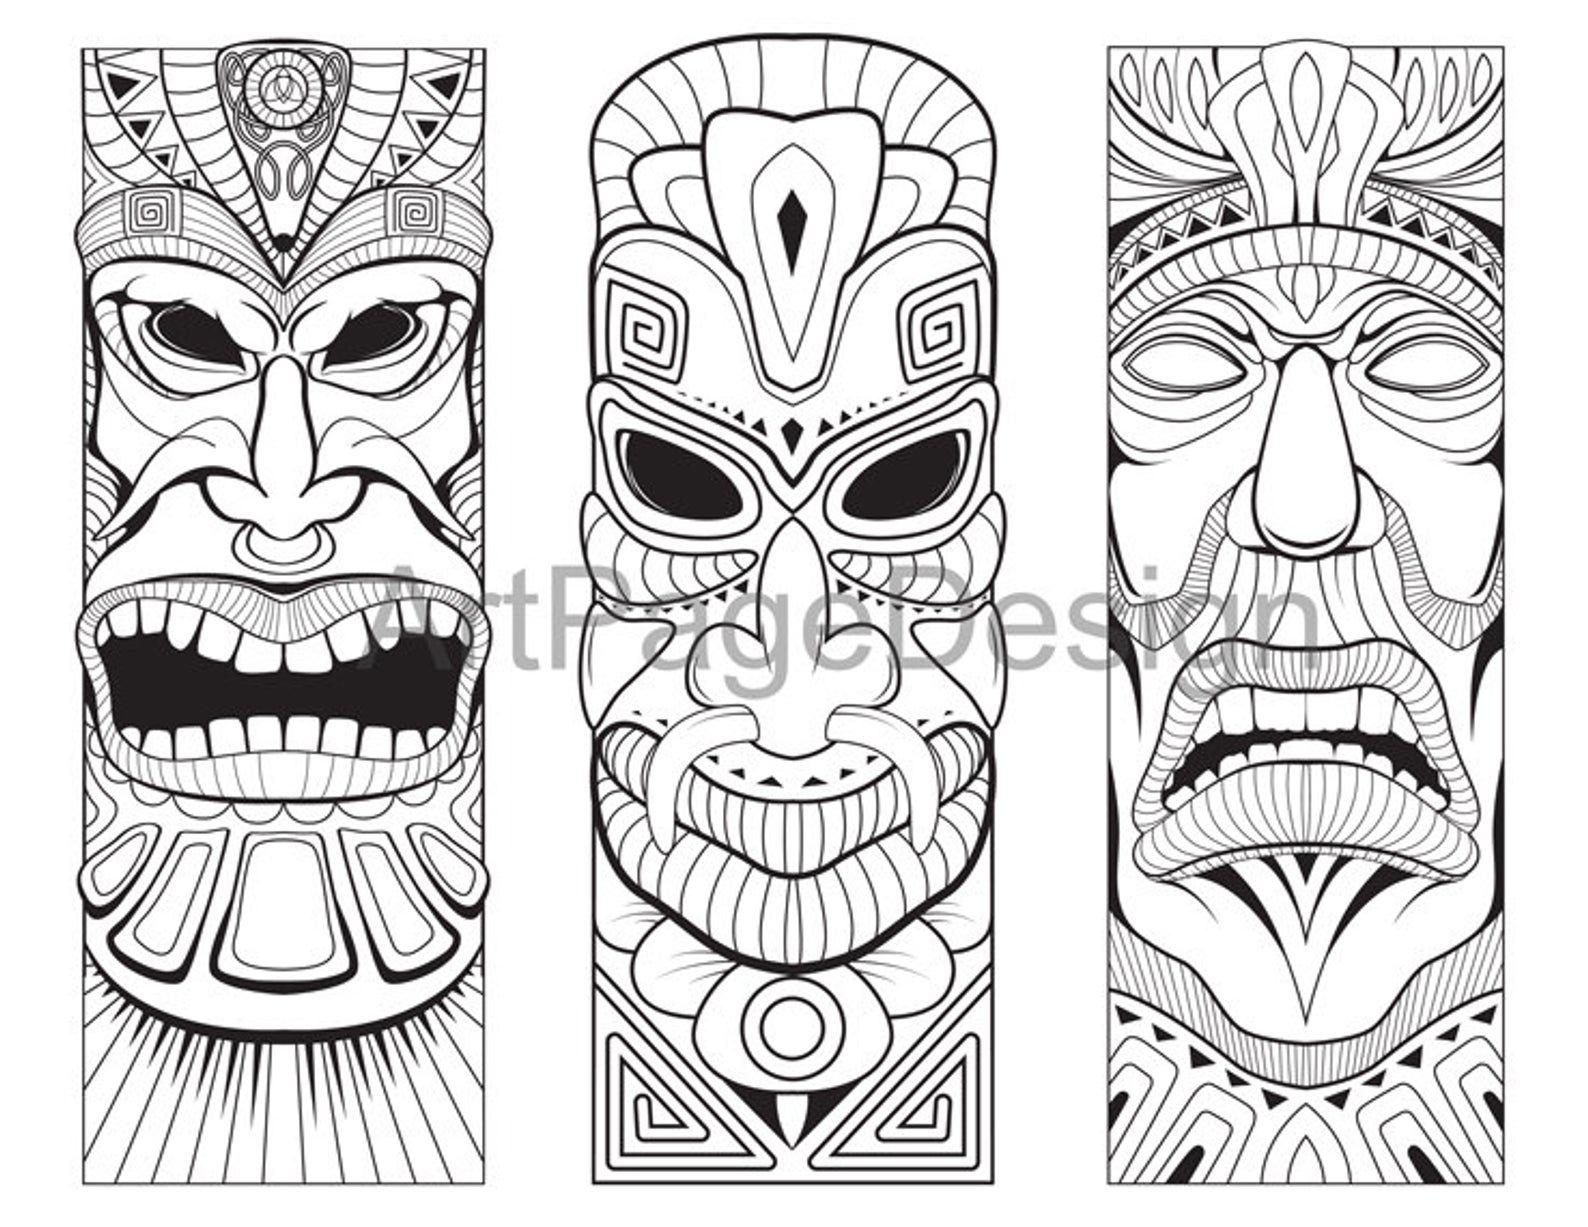 Pin By Judili Pipmit On Tiki Marquesan Tattoos Tiki Tattoo